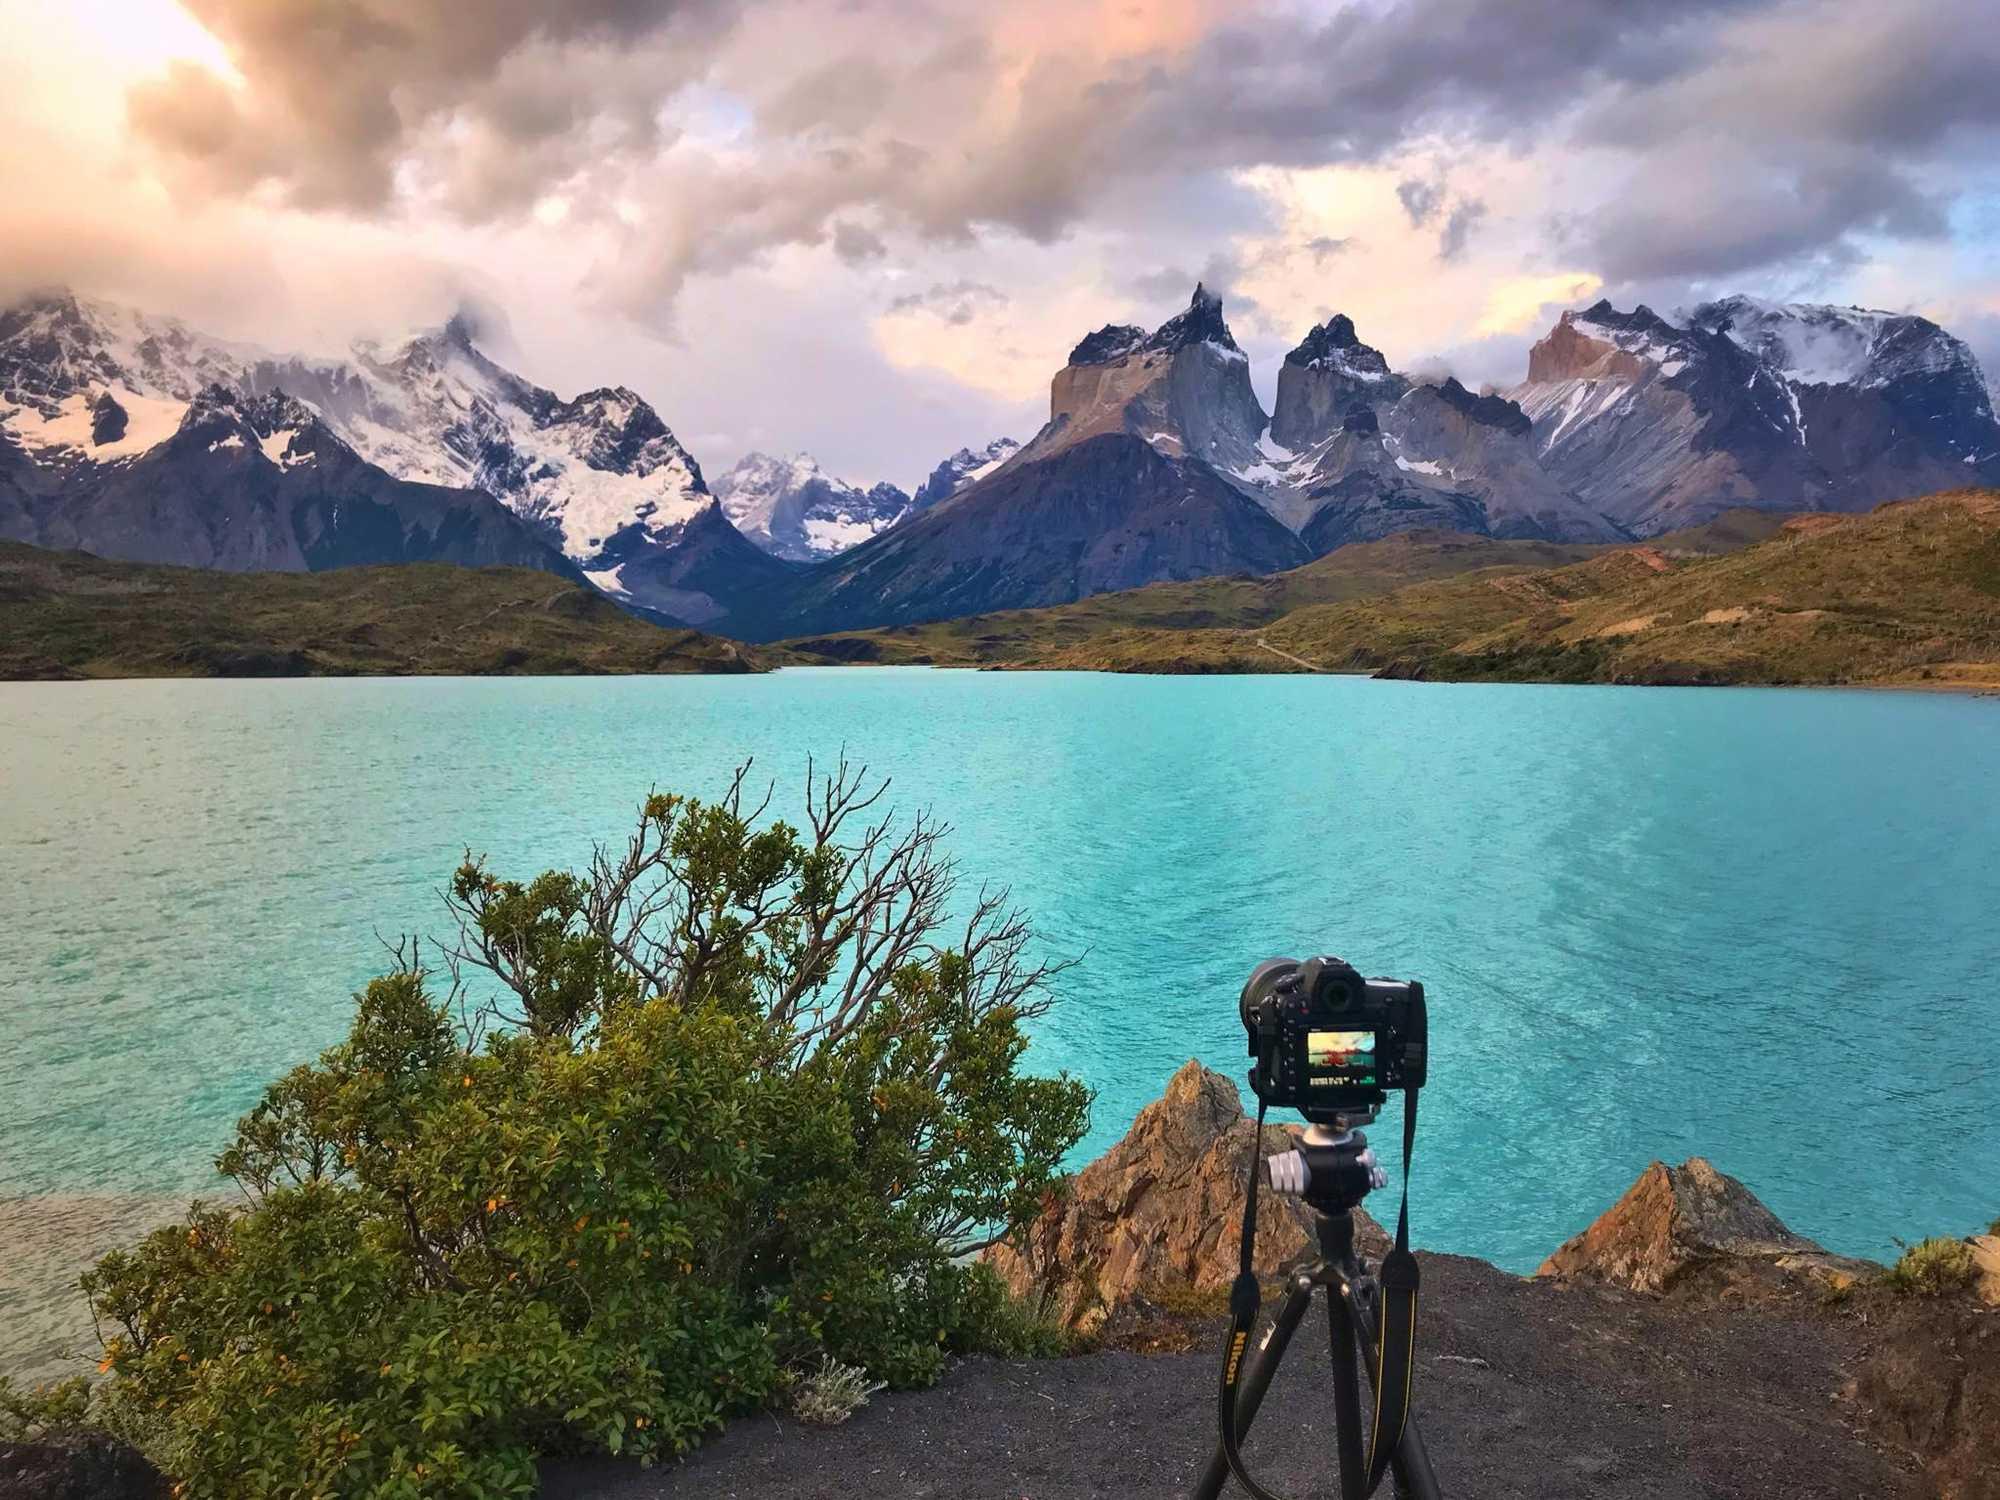 Обзор Nikon D850. Взгляд активного путешественника